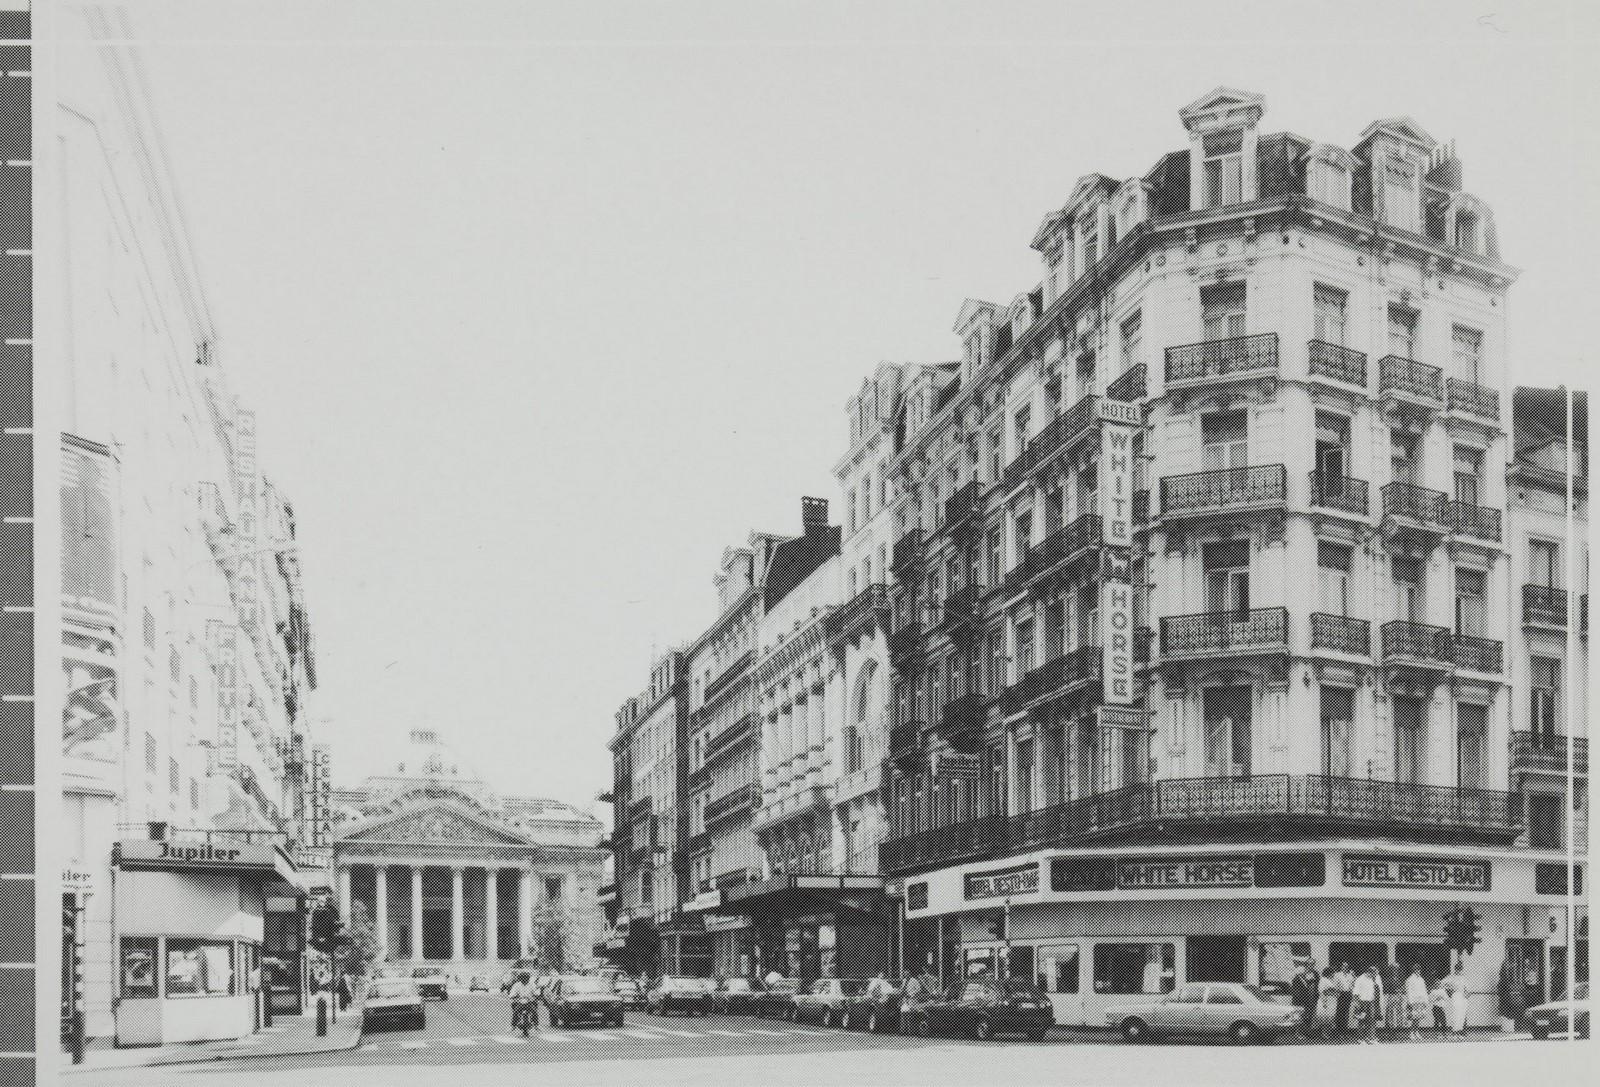 AugusteOrtsstraat, pare nummers, zicht naar de Beurs., [s.d.]